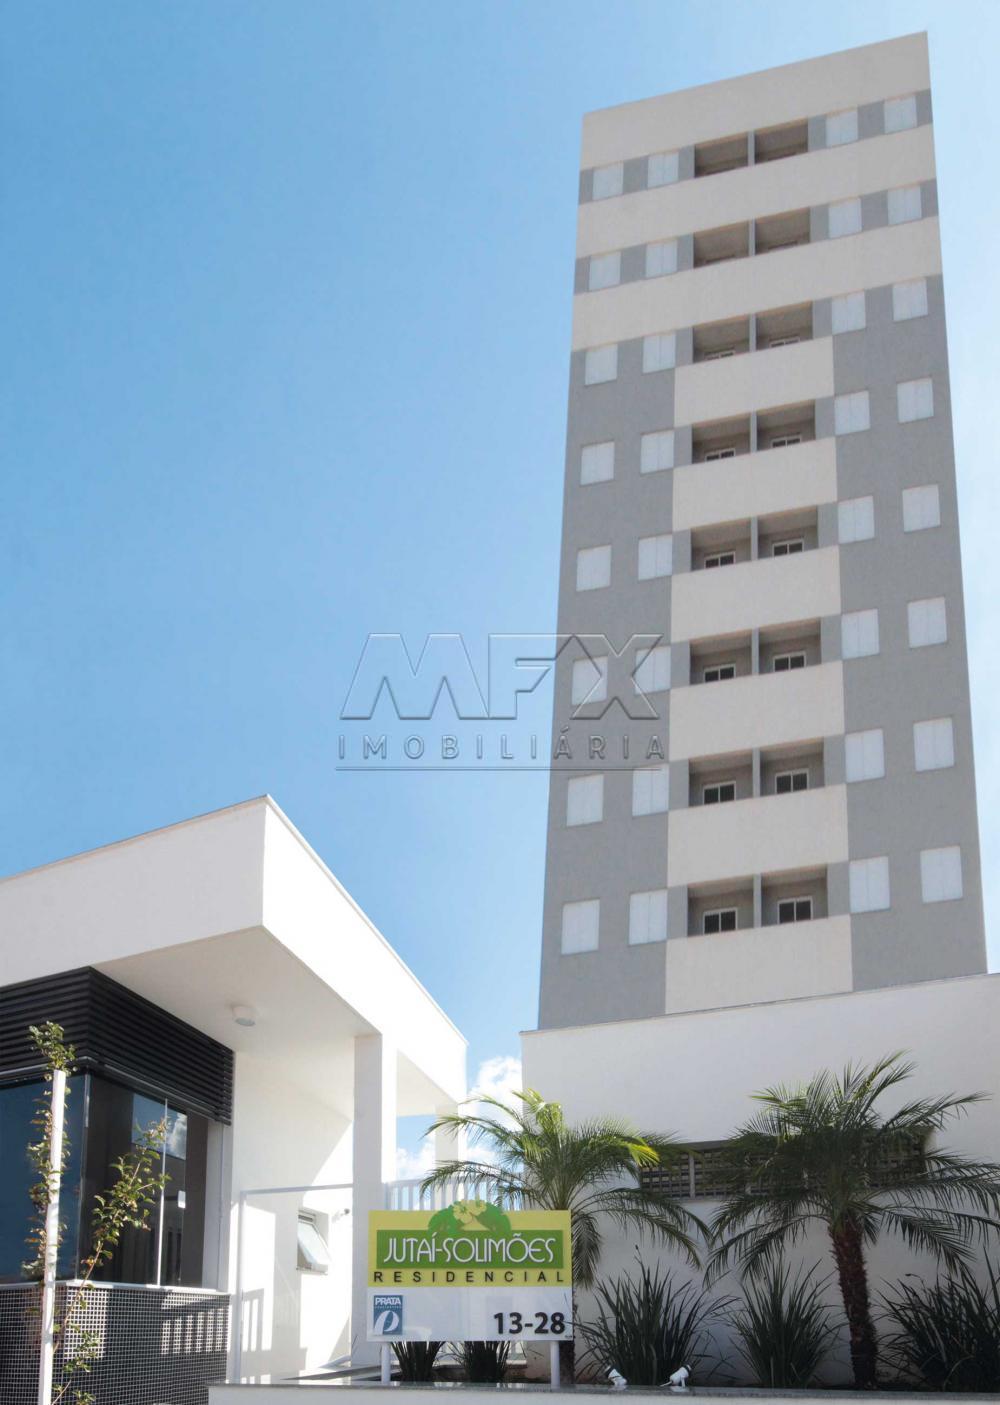 Comprar Apartamento / Padrão em Bauru R$ 375.000,00 - Foto 1